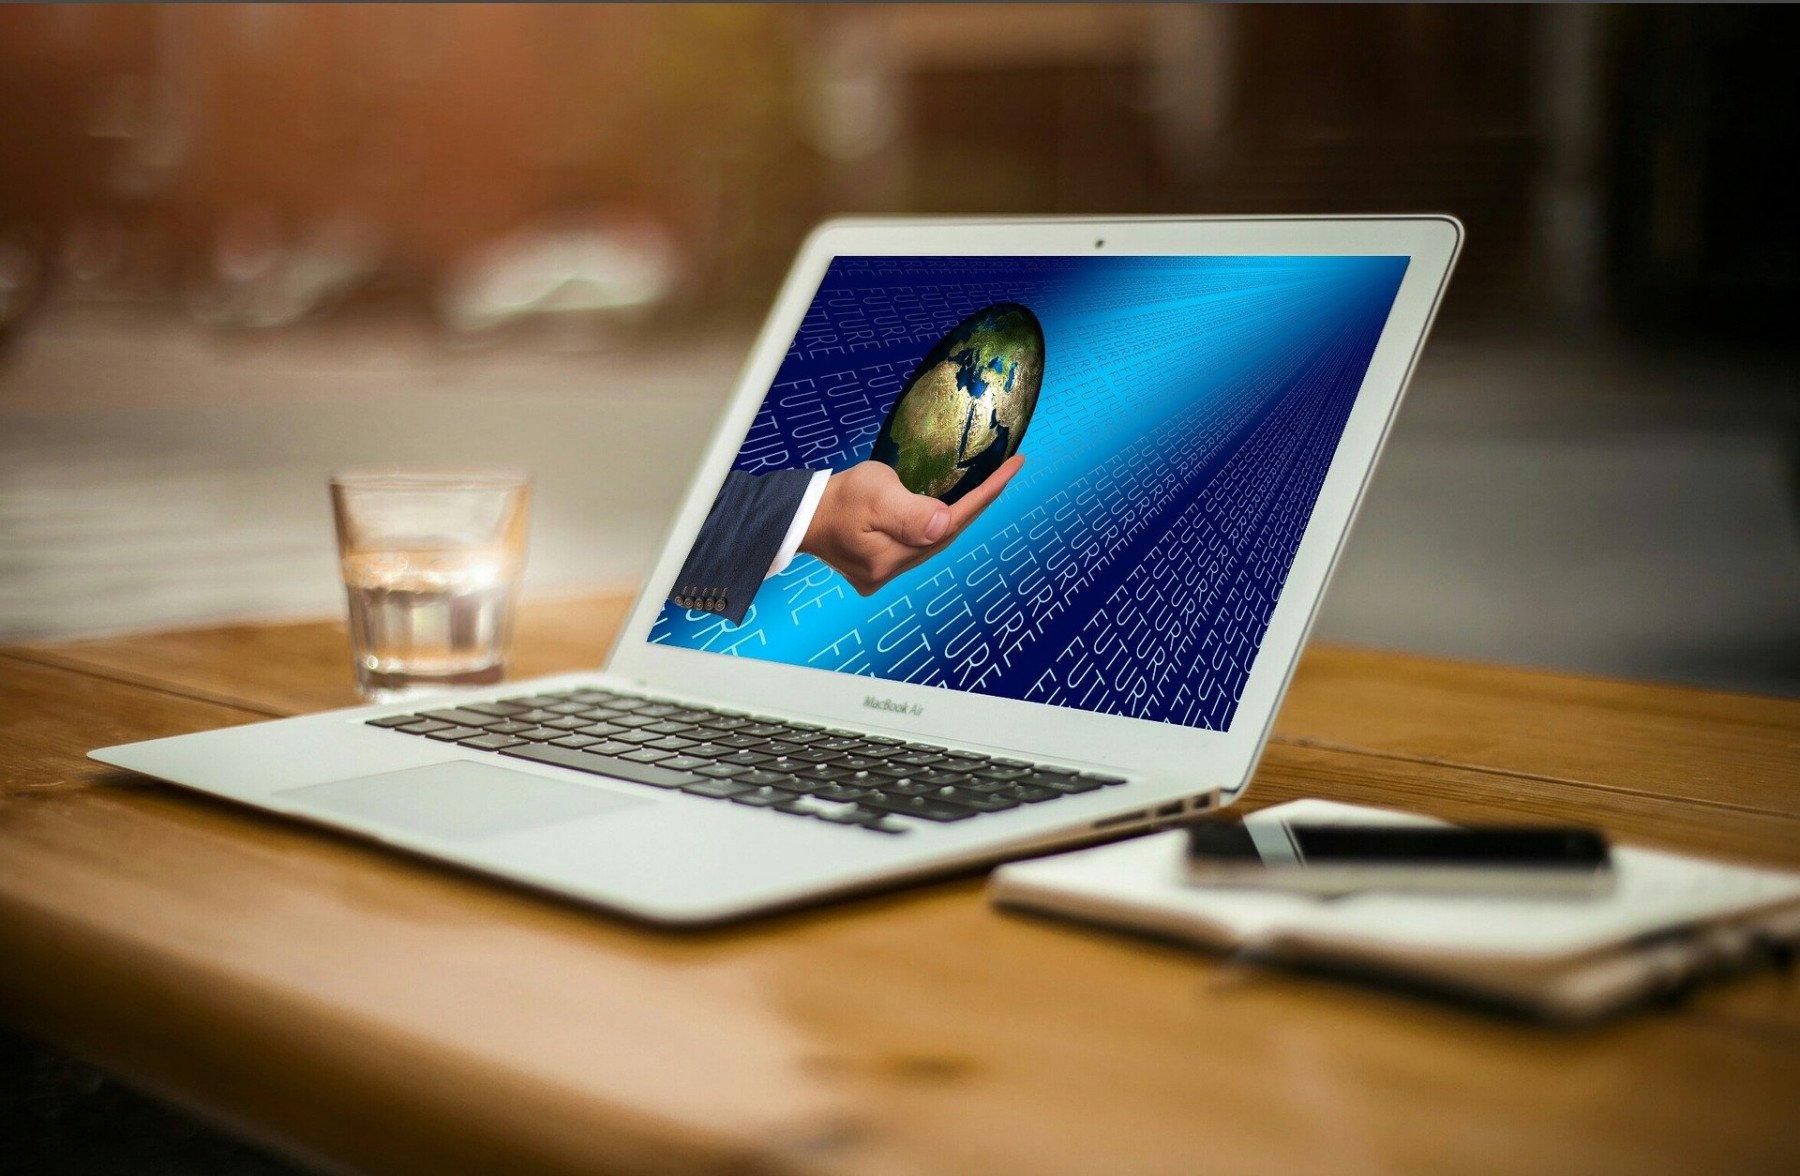 Laptop uppställd på ett bord med en skärmsläckare som föreställer en hand som håller i en jordglob